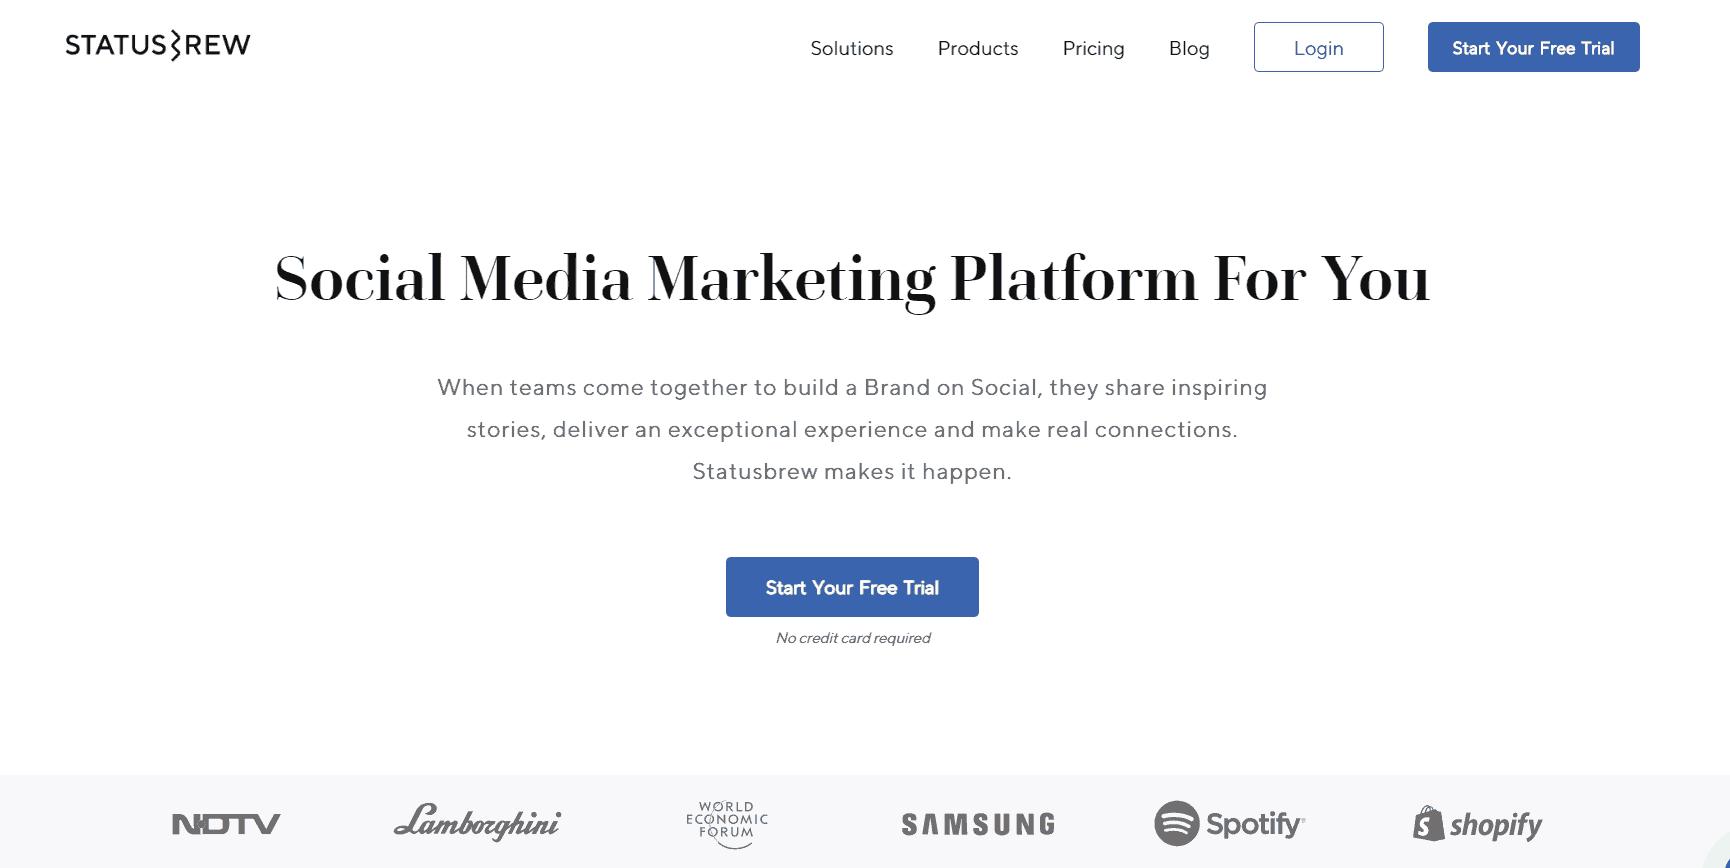 statusbrew Social Media Marketing Tool